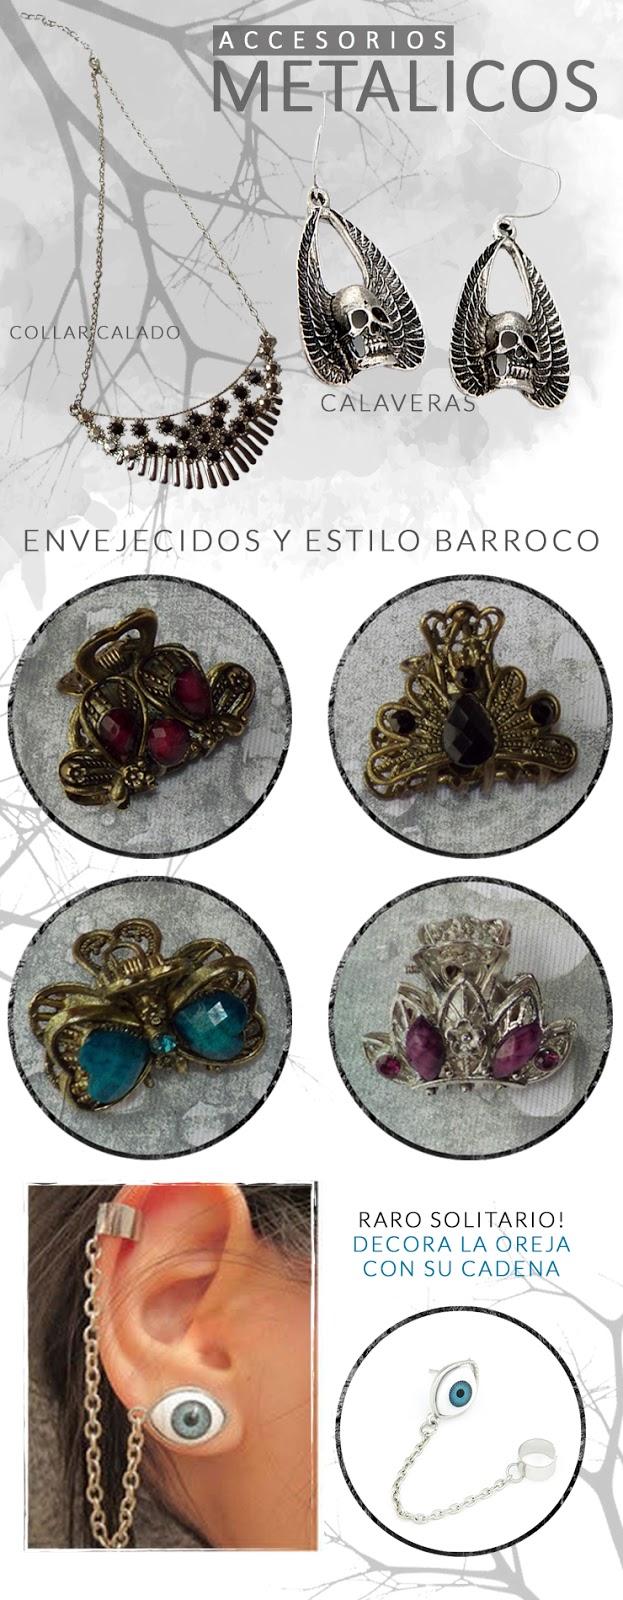 Haul de accesorios metalicos, calaveras, raros y estilo barroco